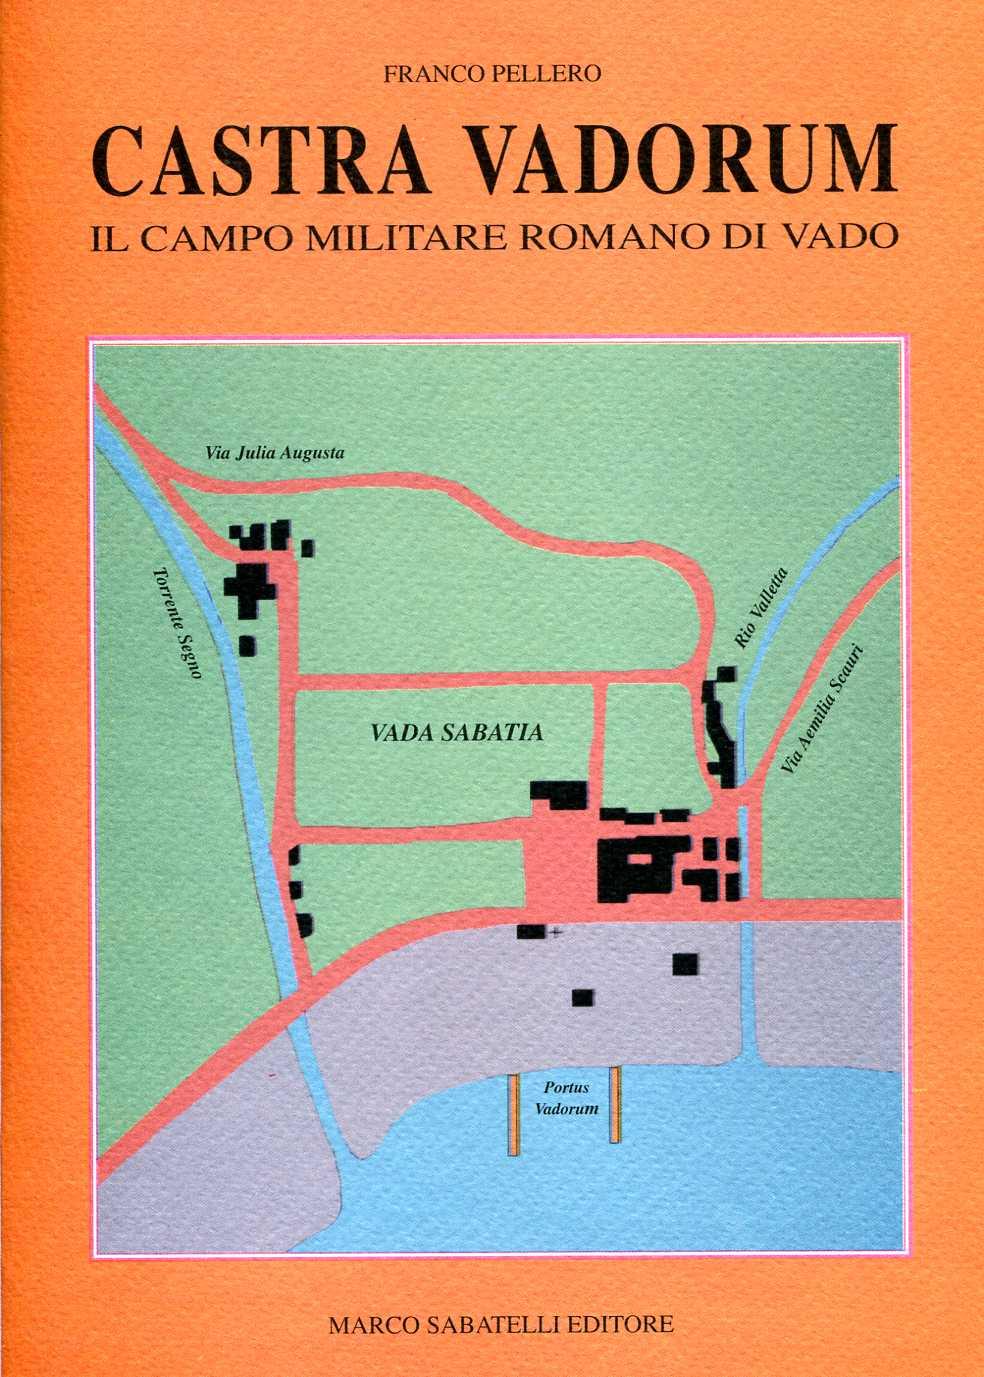 Castra Vadorum - Il campo militare romano di Vado